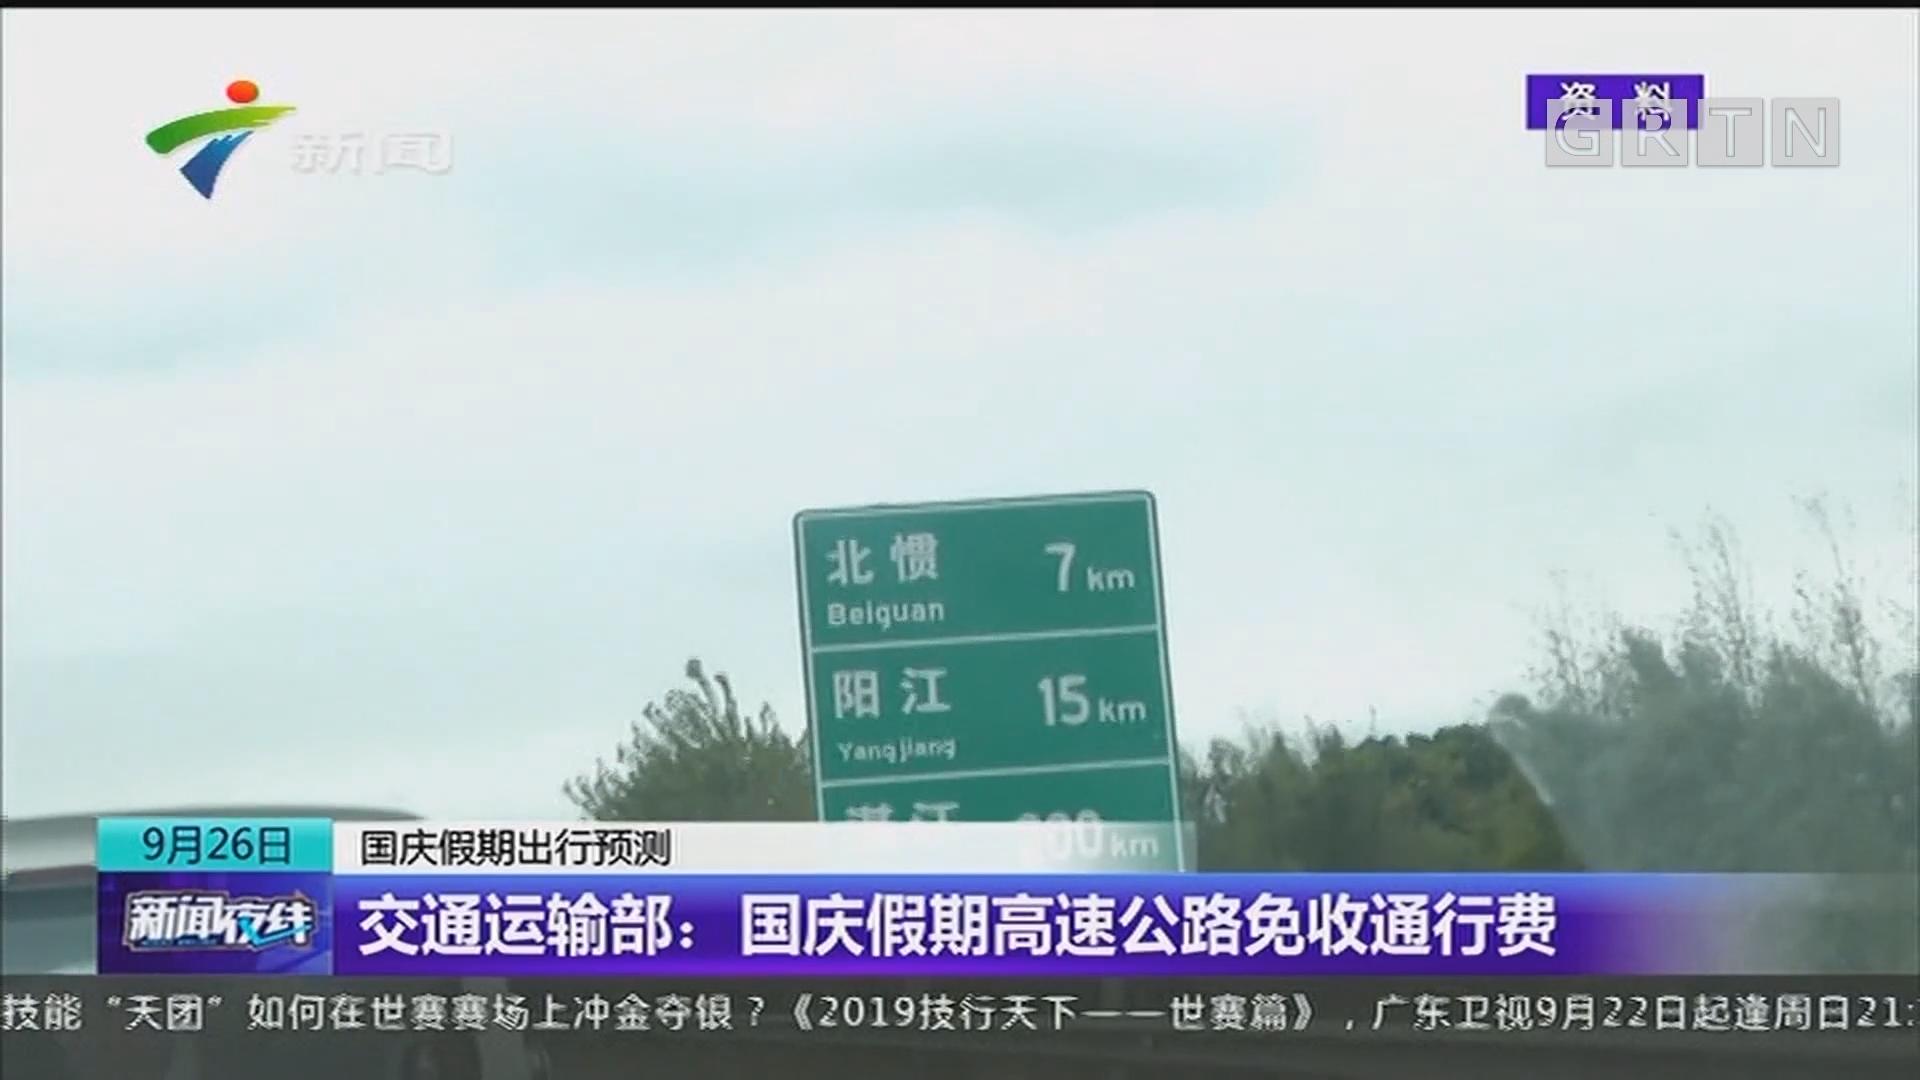 国庆假期出行预测  交通运输部:国庆假期高速公路免收通行费